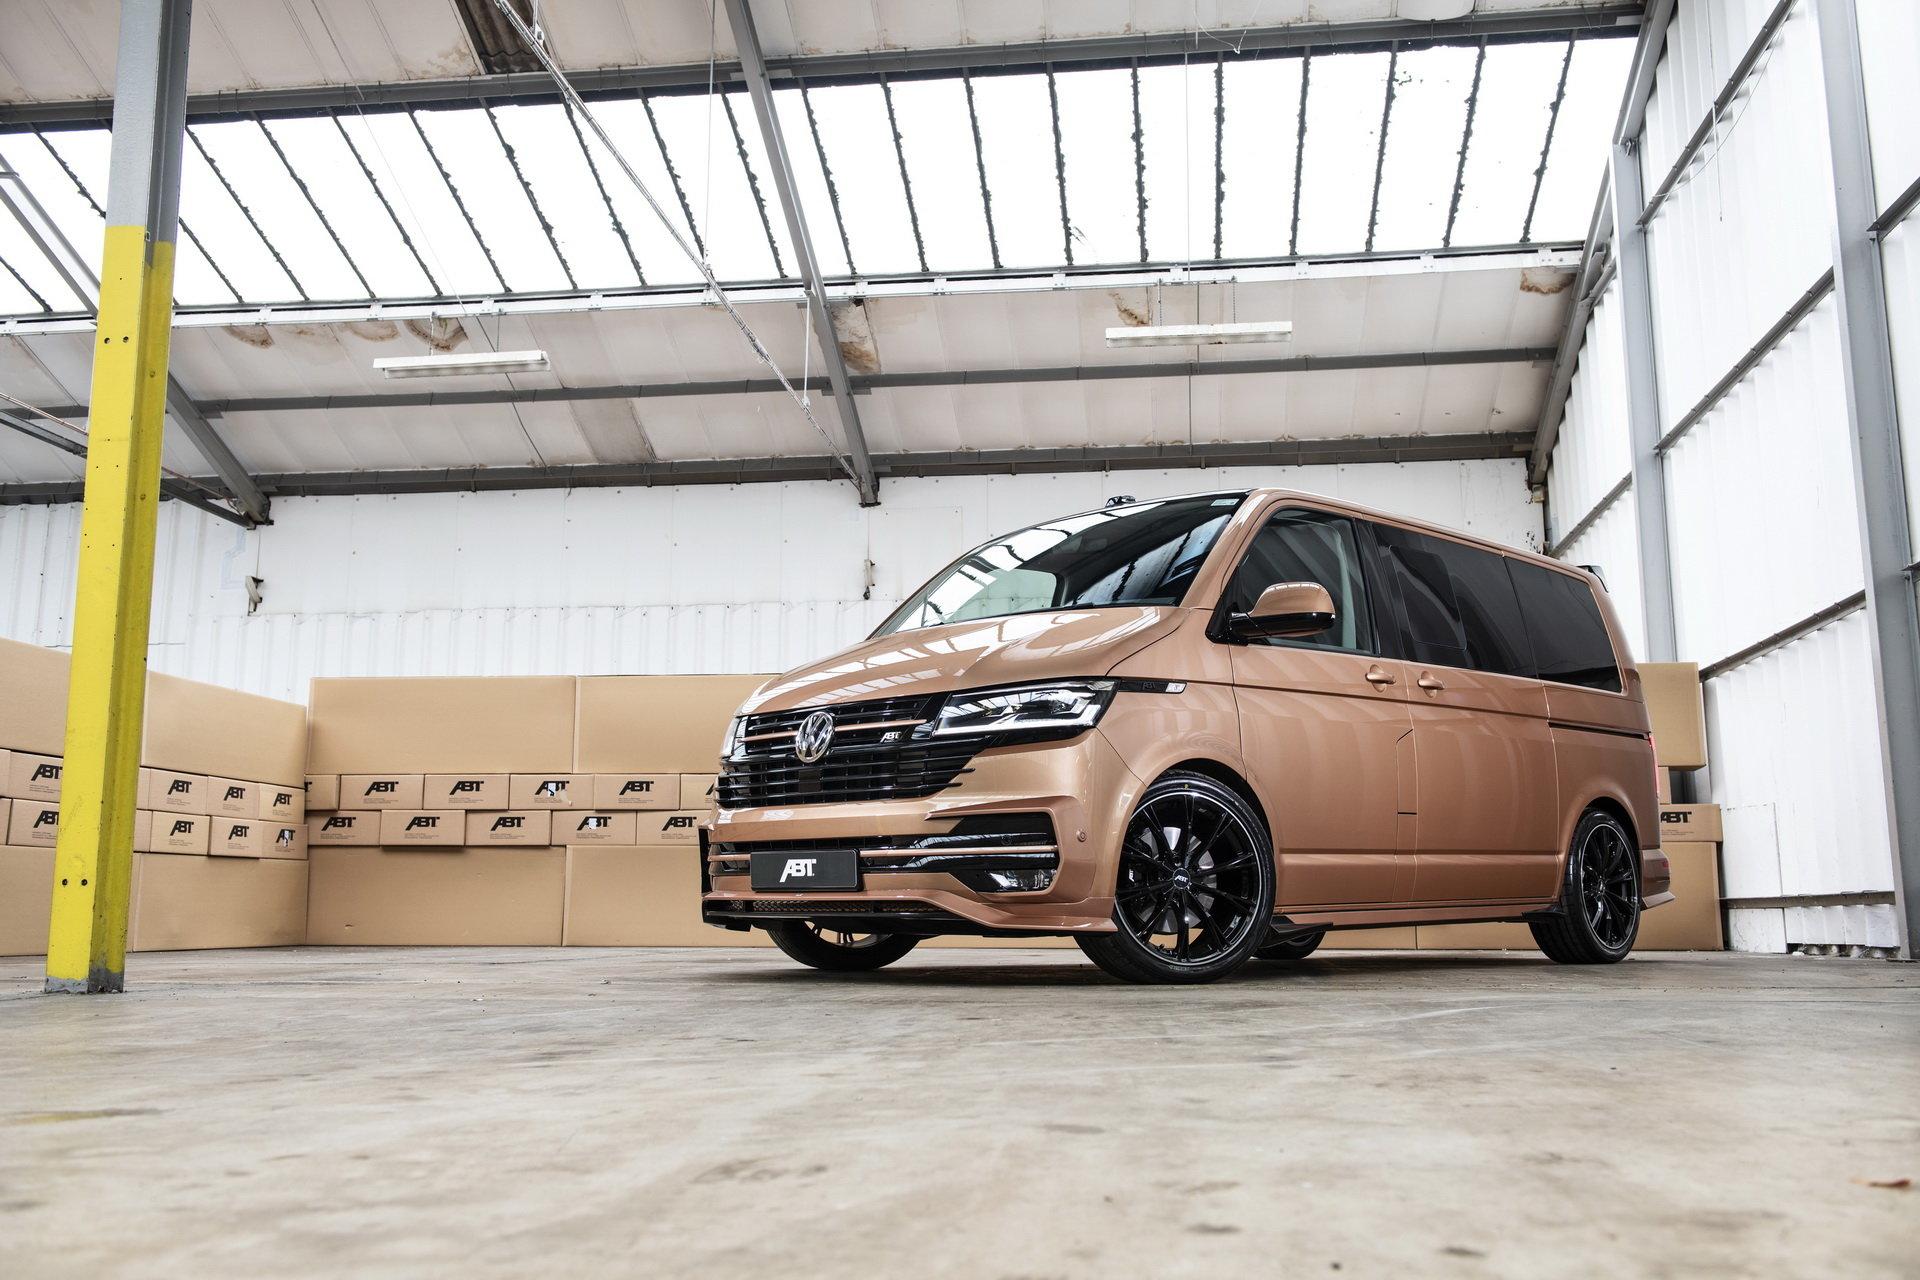 Новый Volkswagen T6 получил впечатляющий тюнинг от Abt